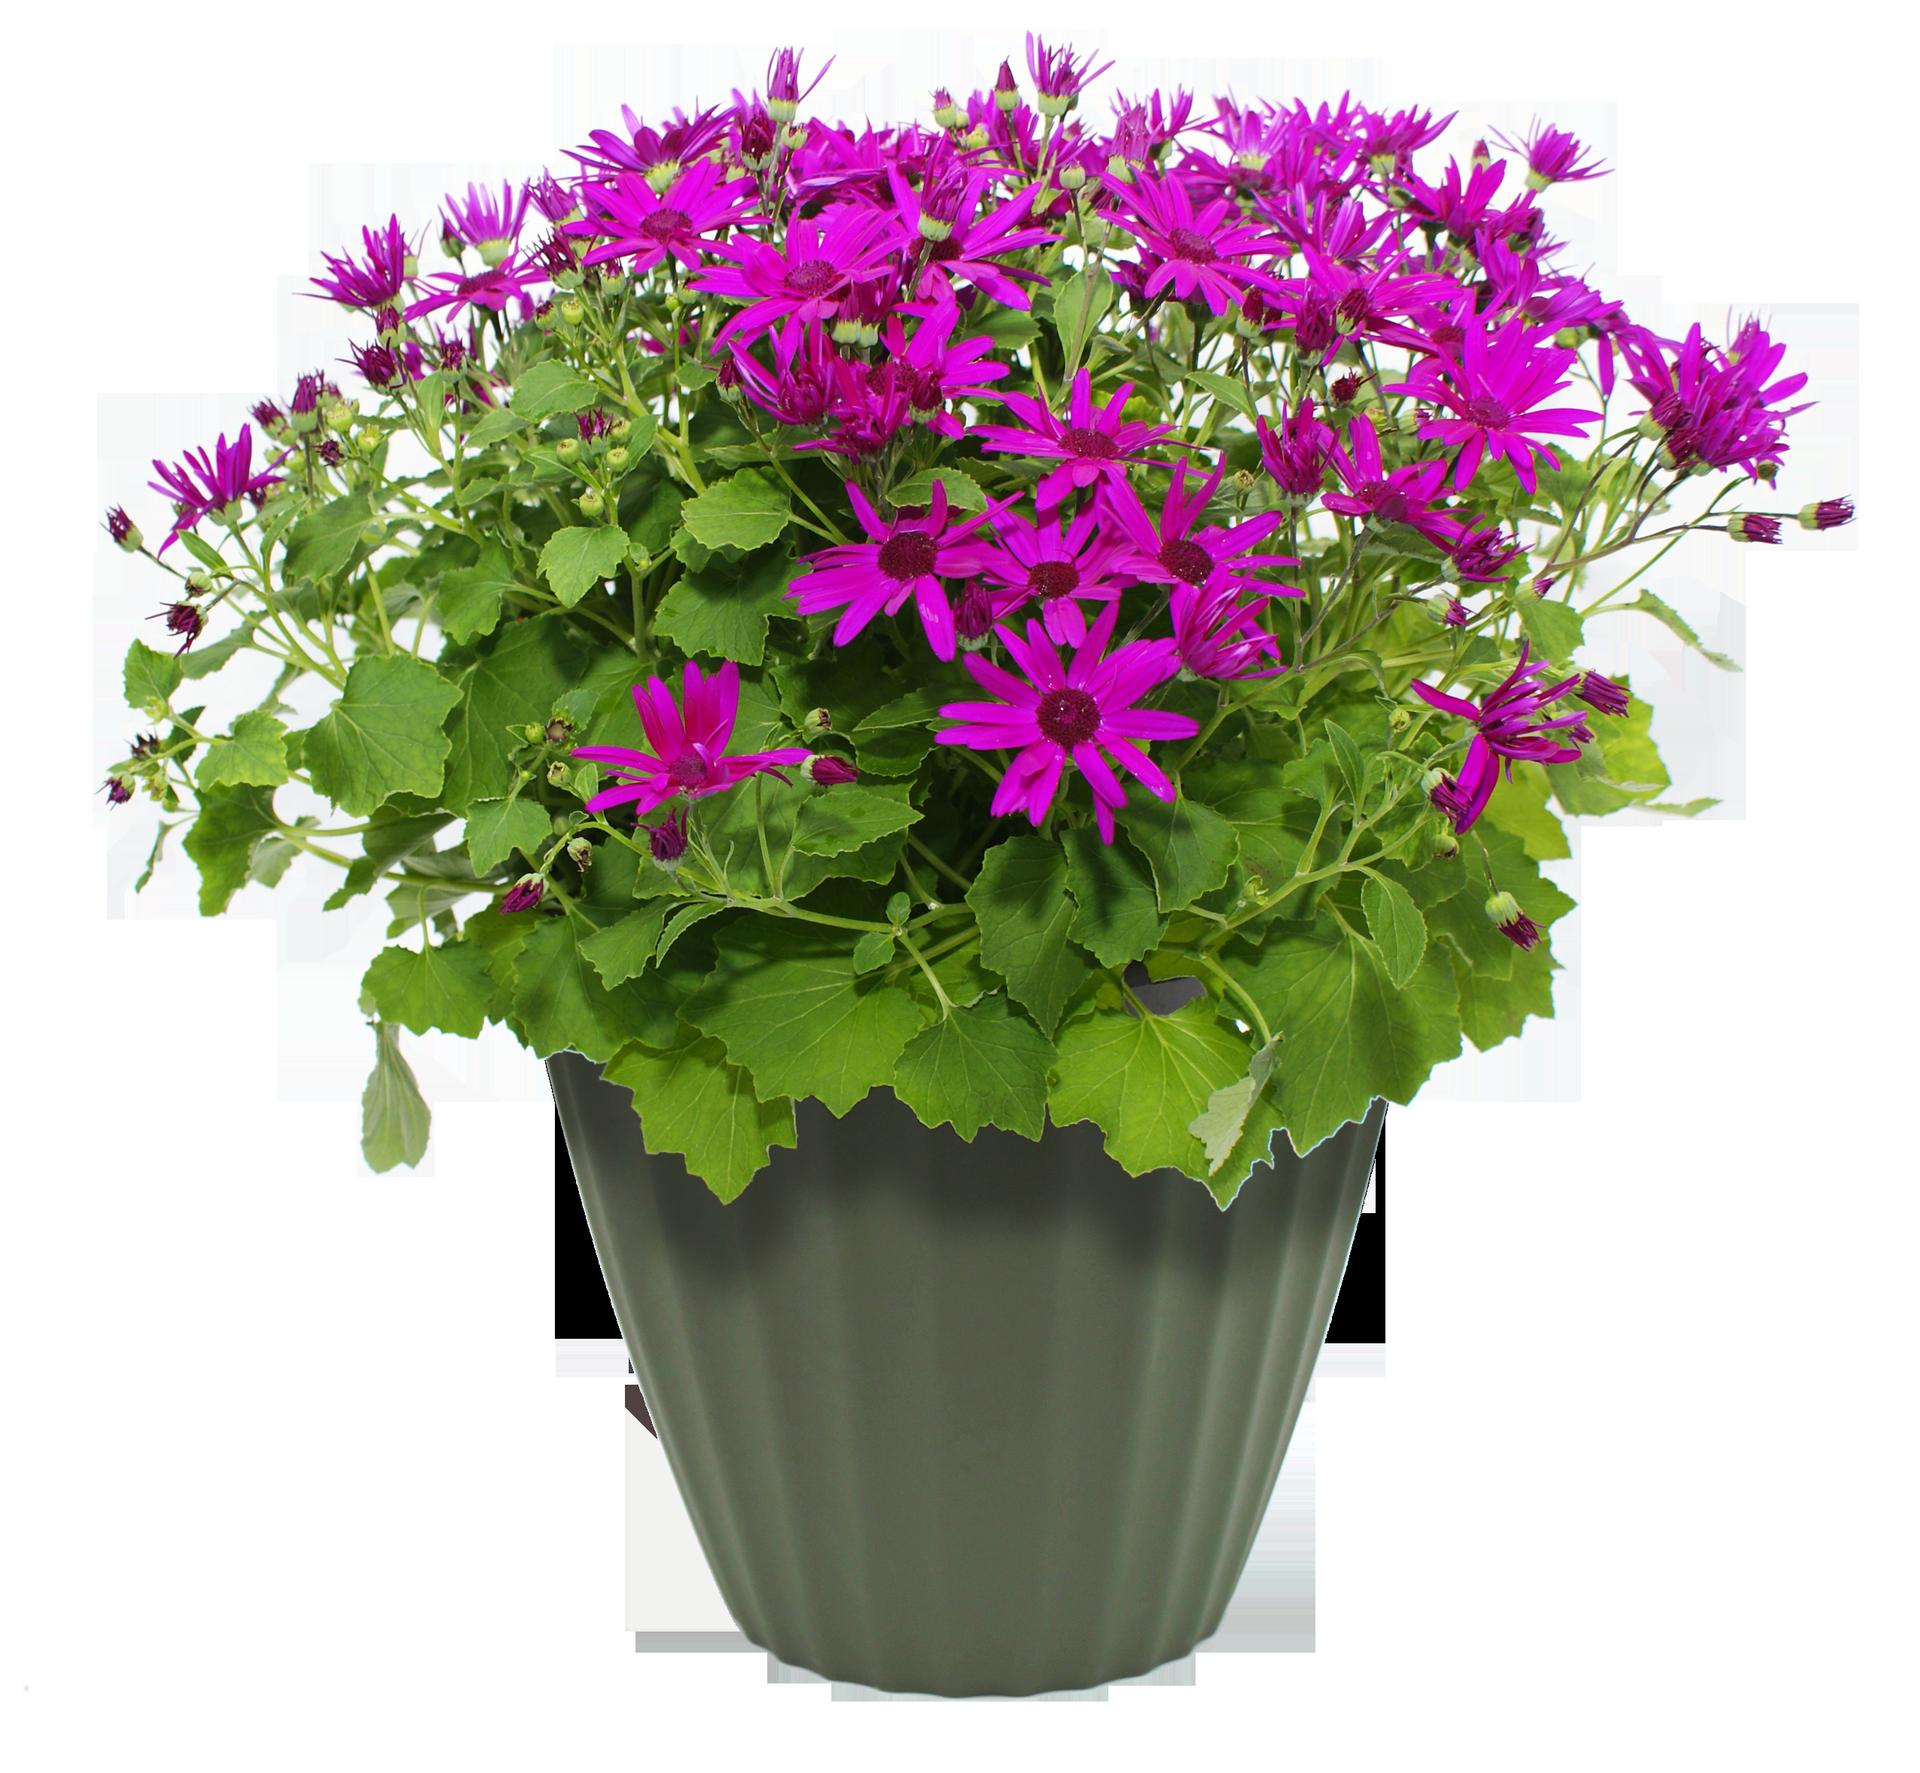 Pot transparent images pluspng. Flower plant png